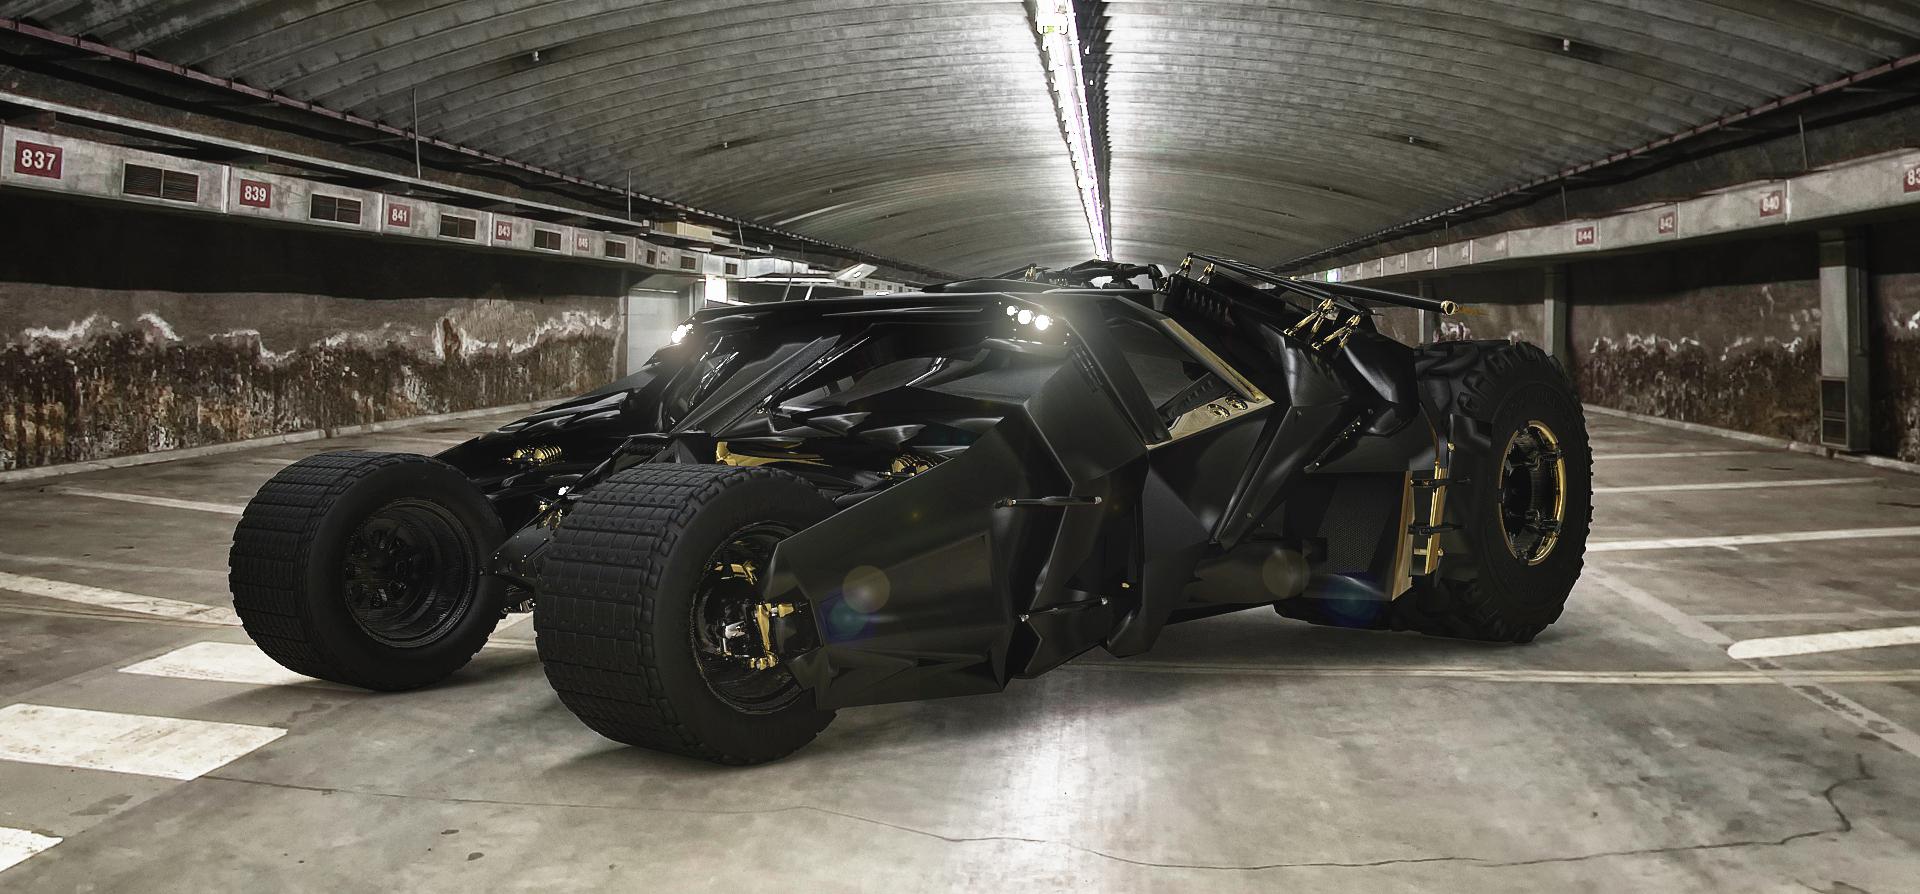 New Batmobile 'The Tumbler' by TheImNobody